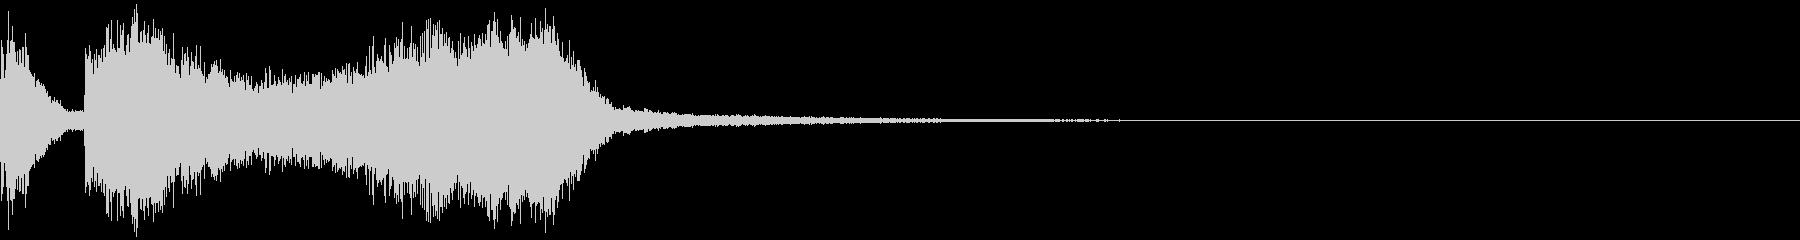 テッテレー5/上がっていく音 スッキリの未再生の波形